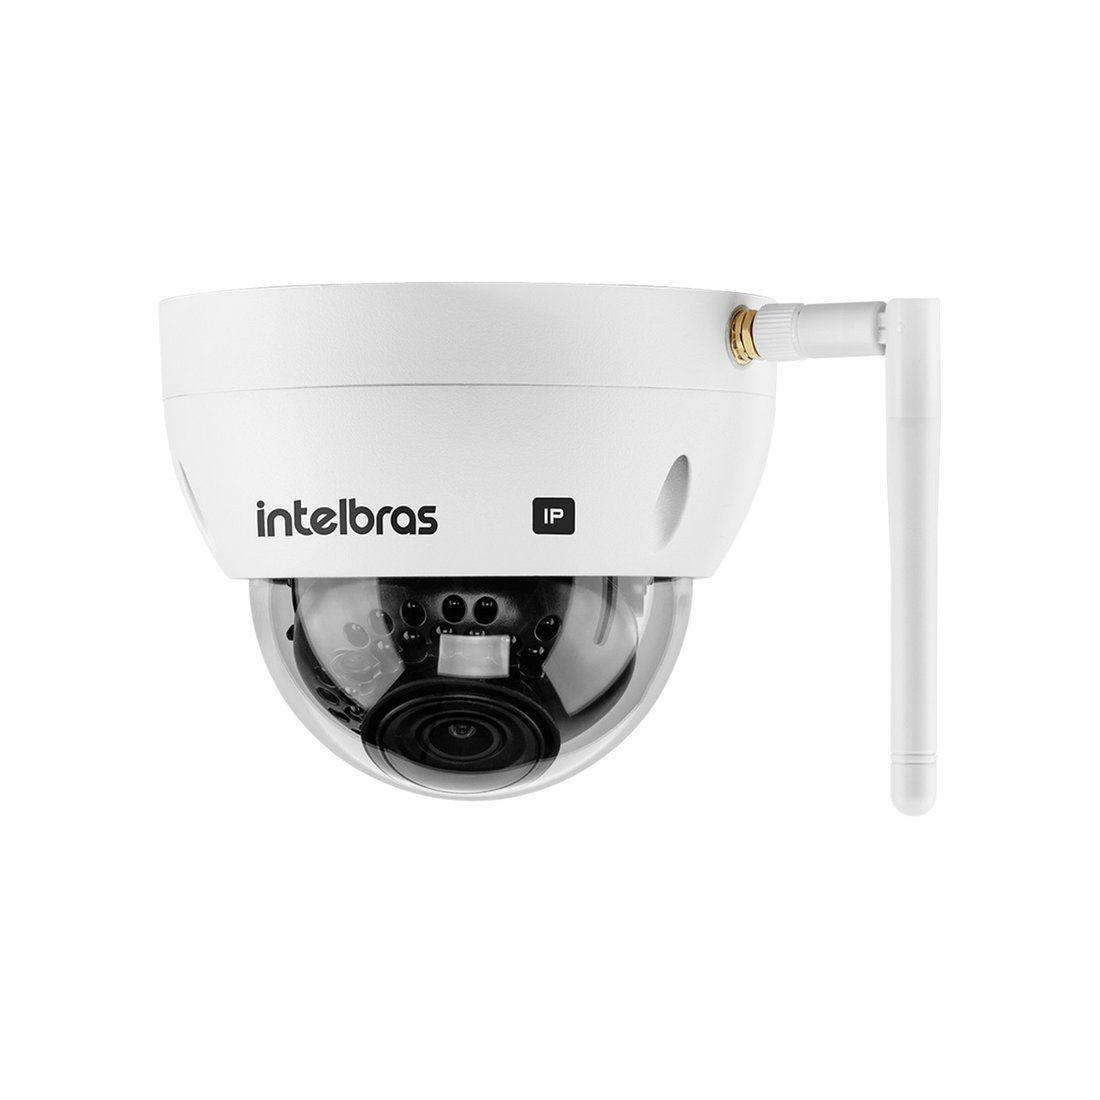 Câmera IP Wi-Fi Intelbras VIP 3230 D W Full HD 2MP 30 Metros